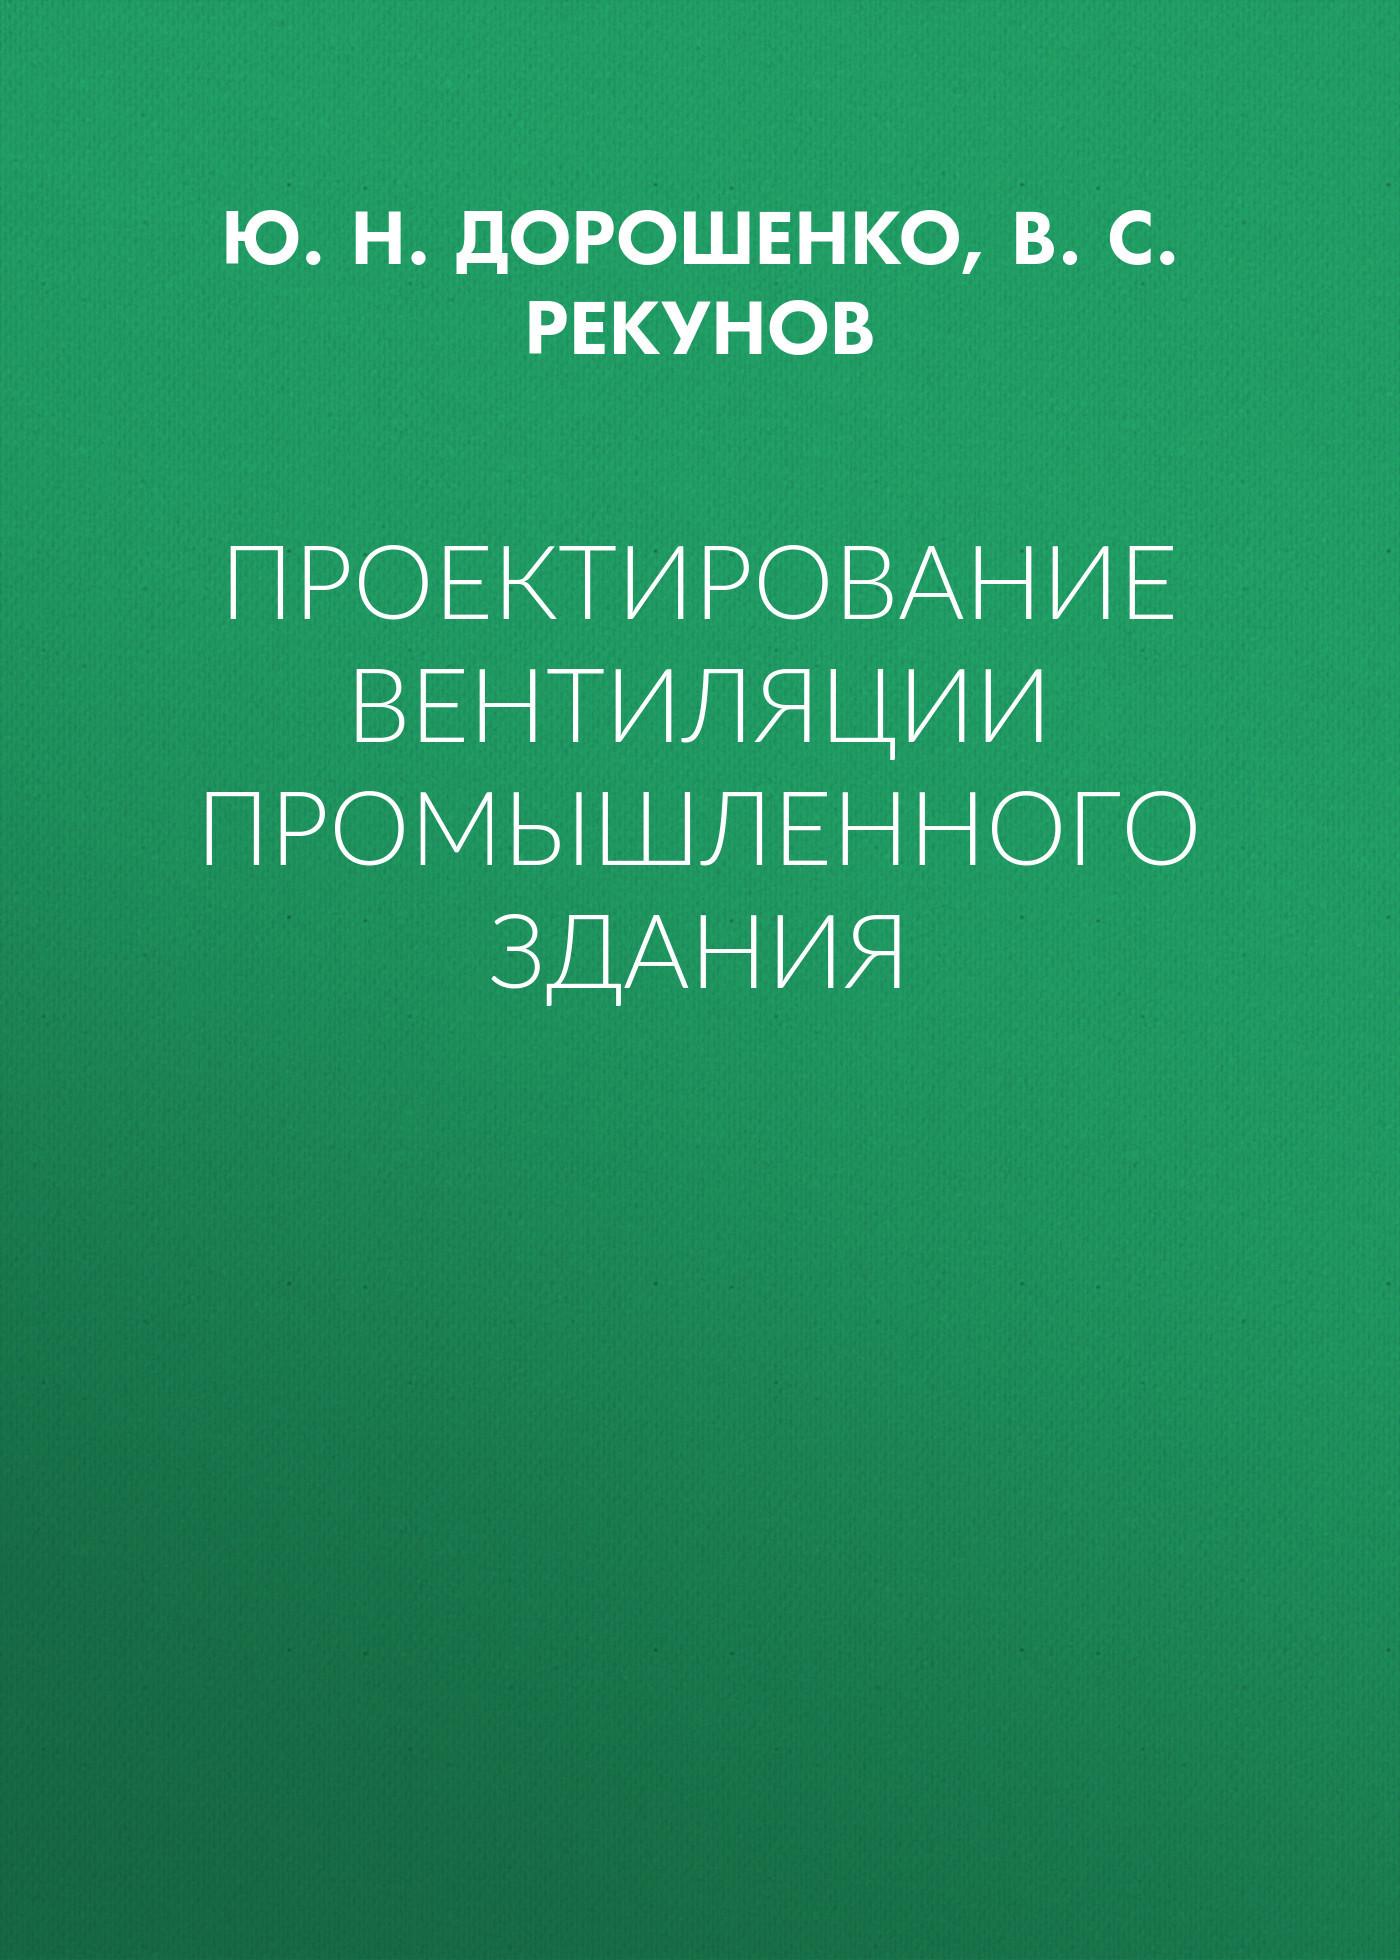 Ю. Н. Дорошенко Проектирование вентиляции промышленного здания